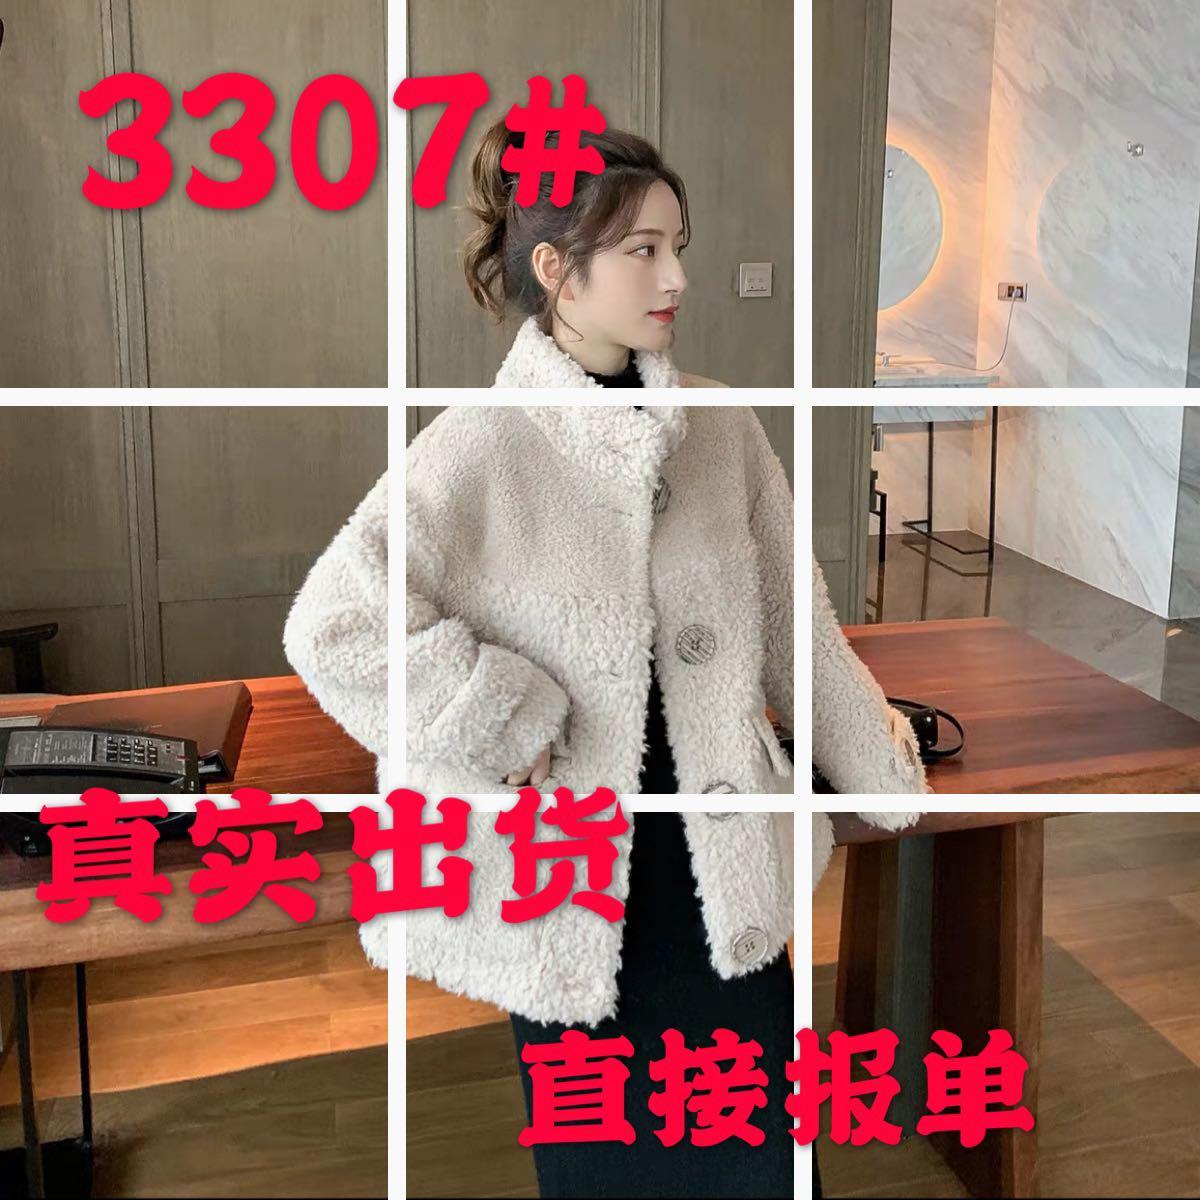 11.18新品 0點上新韓版立領羊羔毛單排扣橘色外套潮E11310